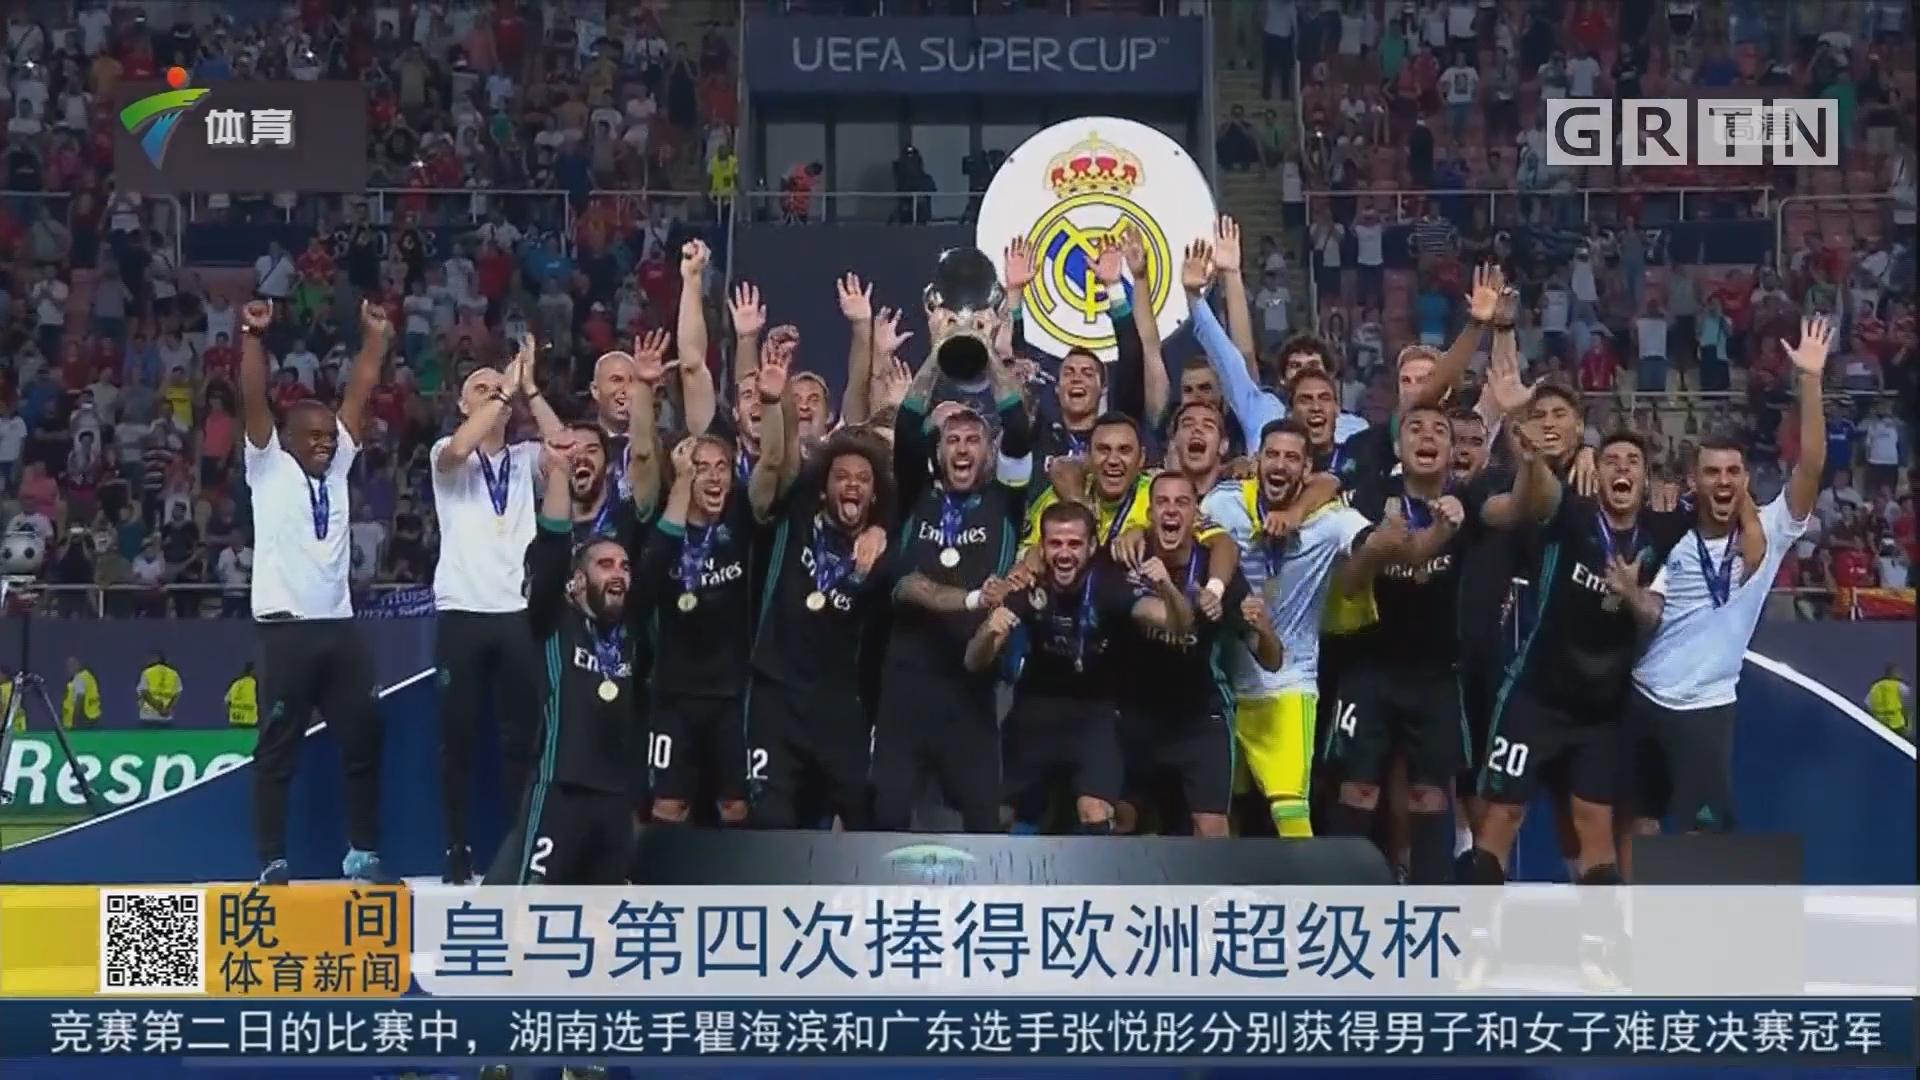 皇马第四次捧得欧洲超级杯